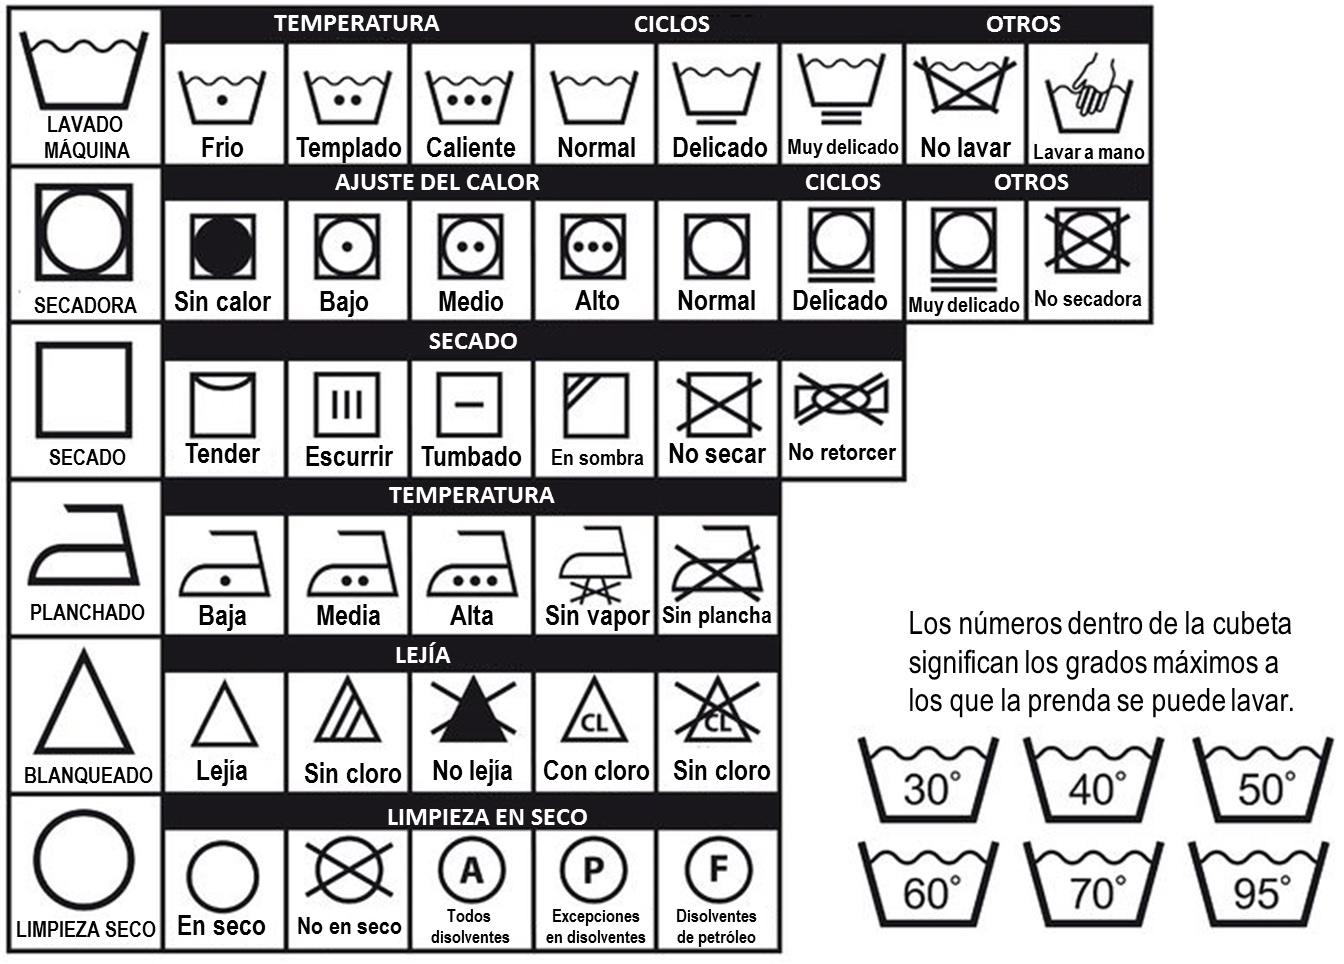 u00bfque significan los s u00cdmbolos de las etiquetas